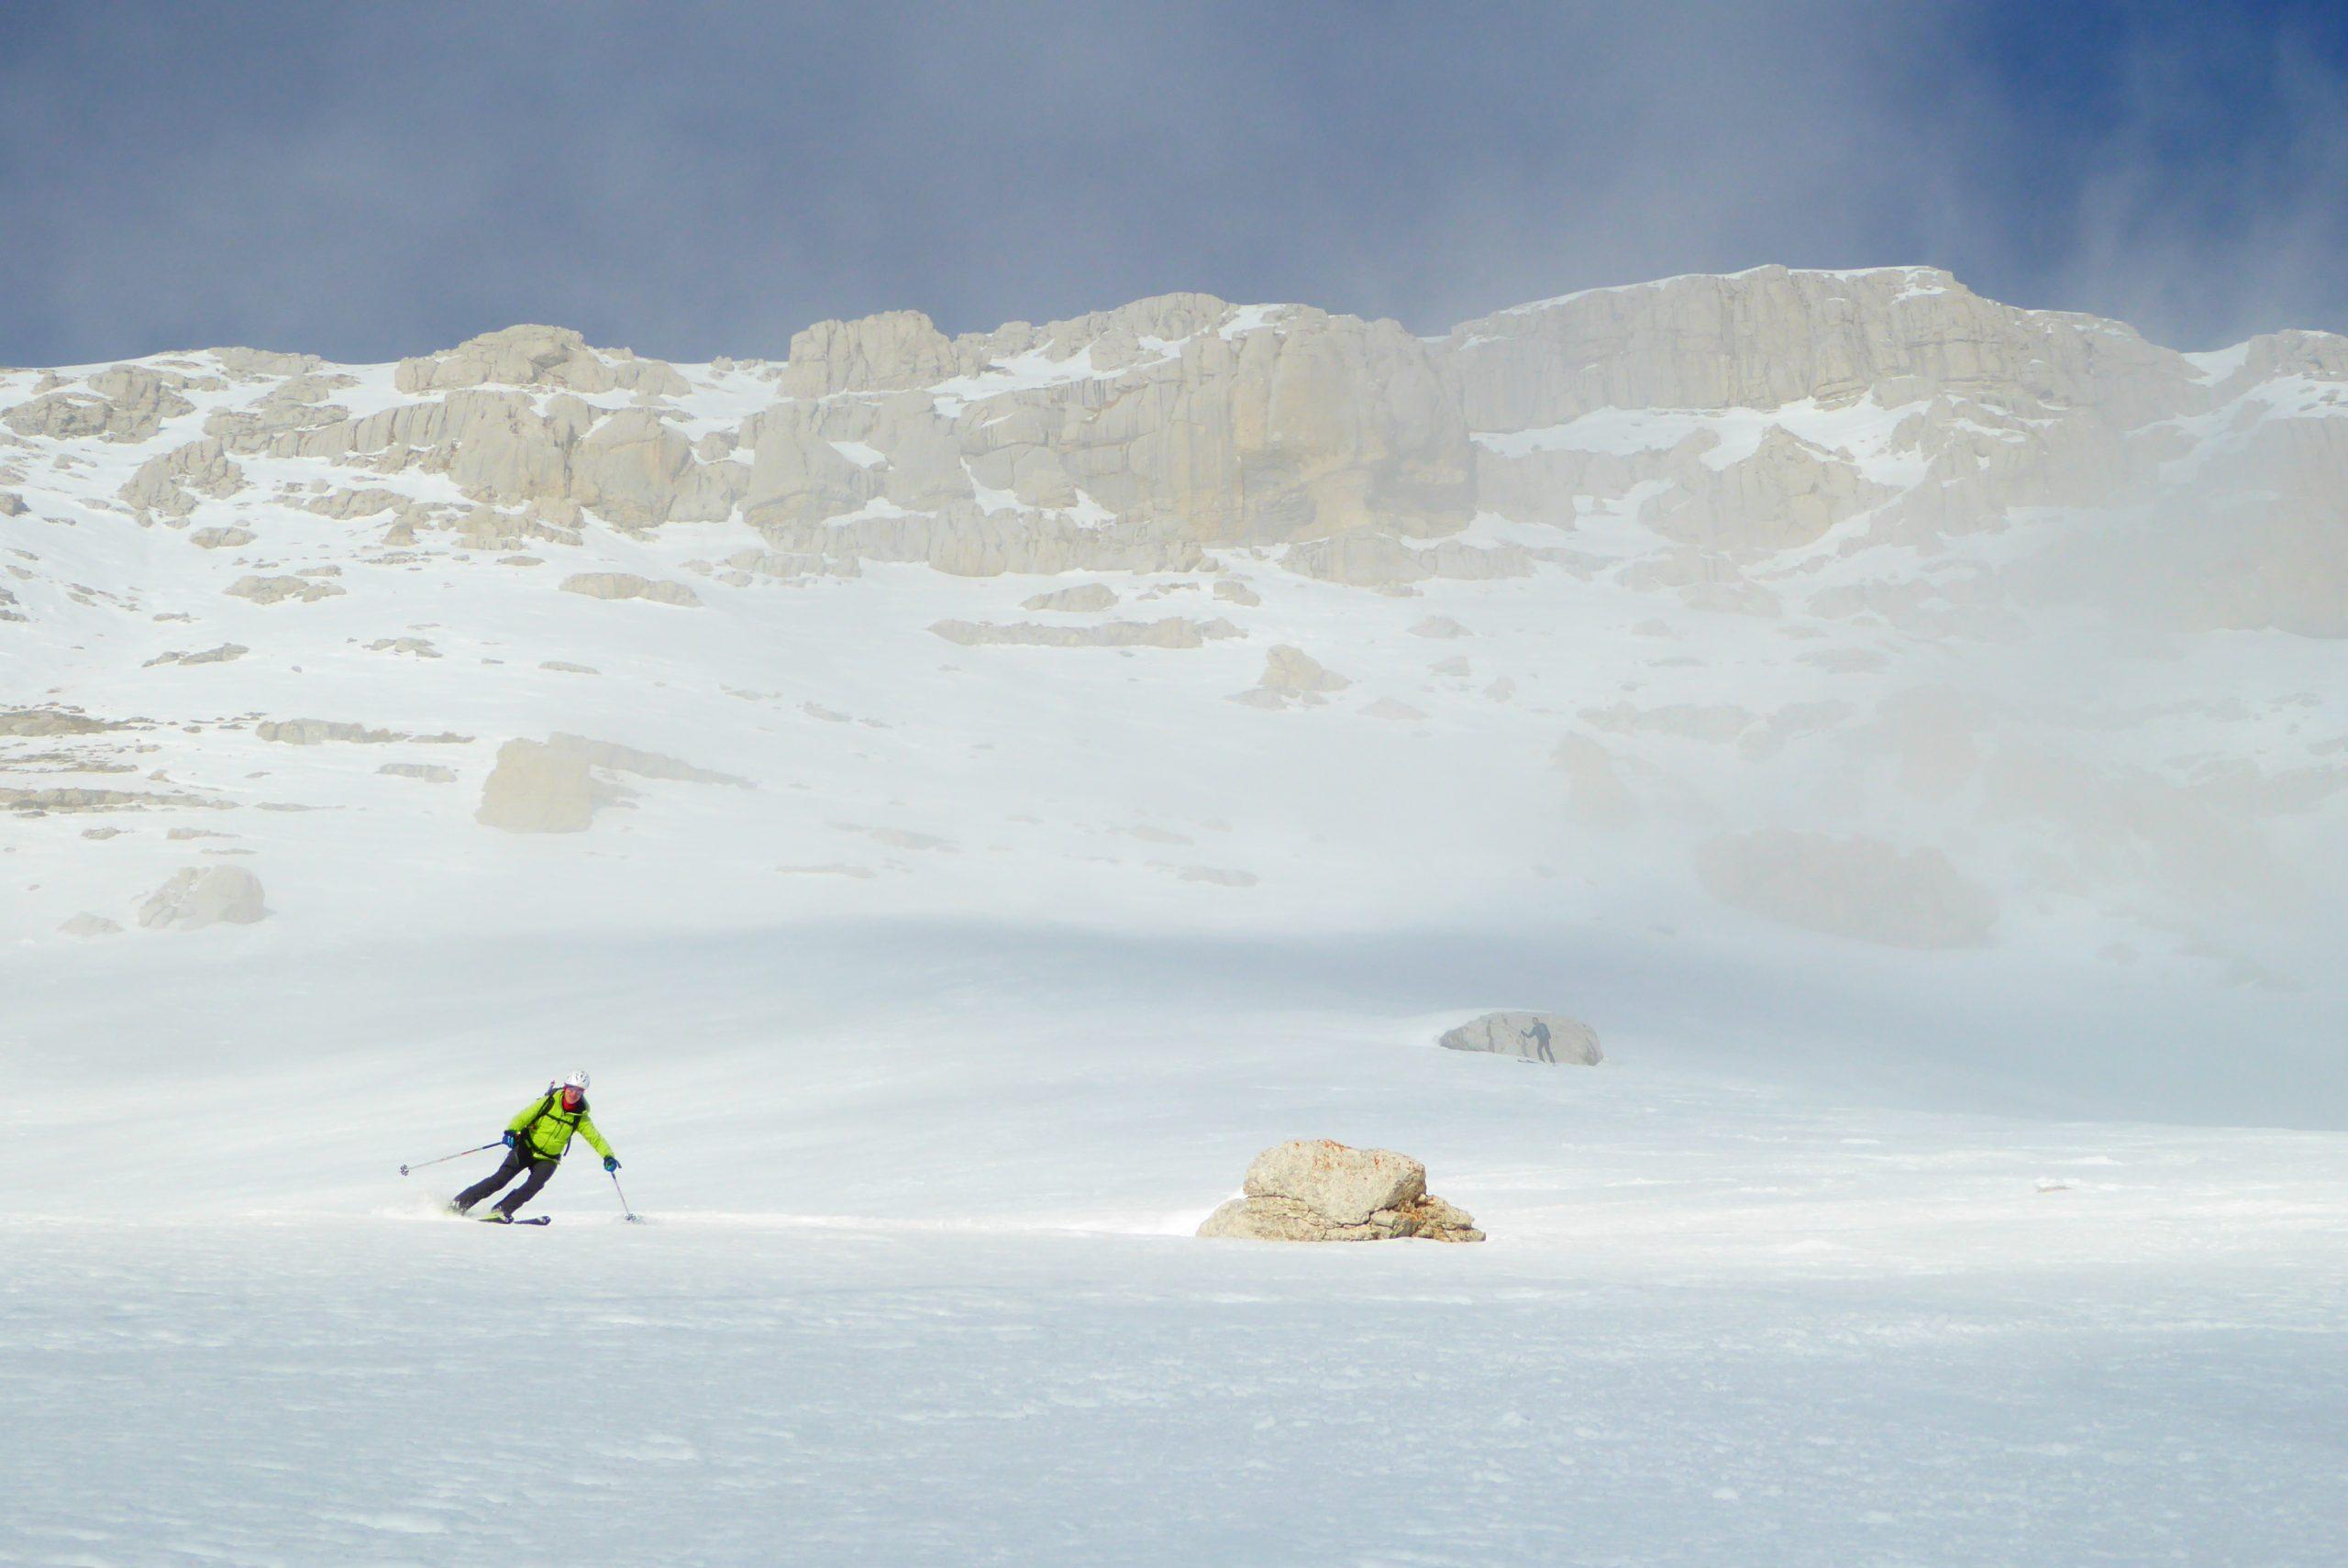 Curso de Esquí Freeride. Cordillera Cantábrica. Fundamentos básicos para el esquí fuera de pista y de montaña.